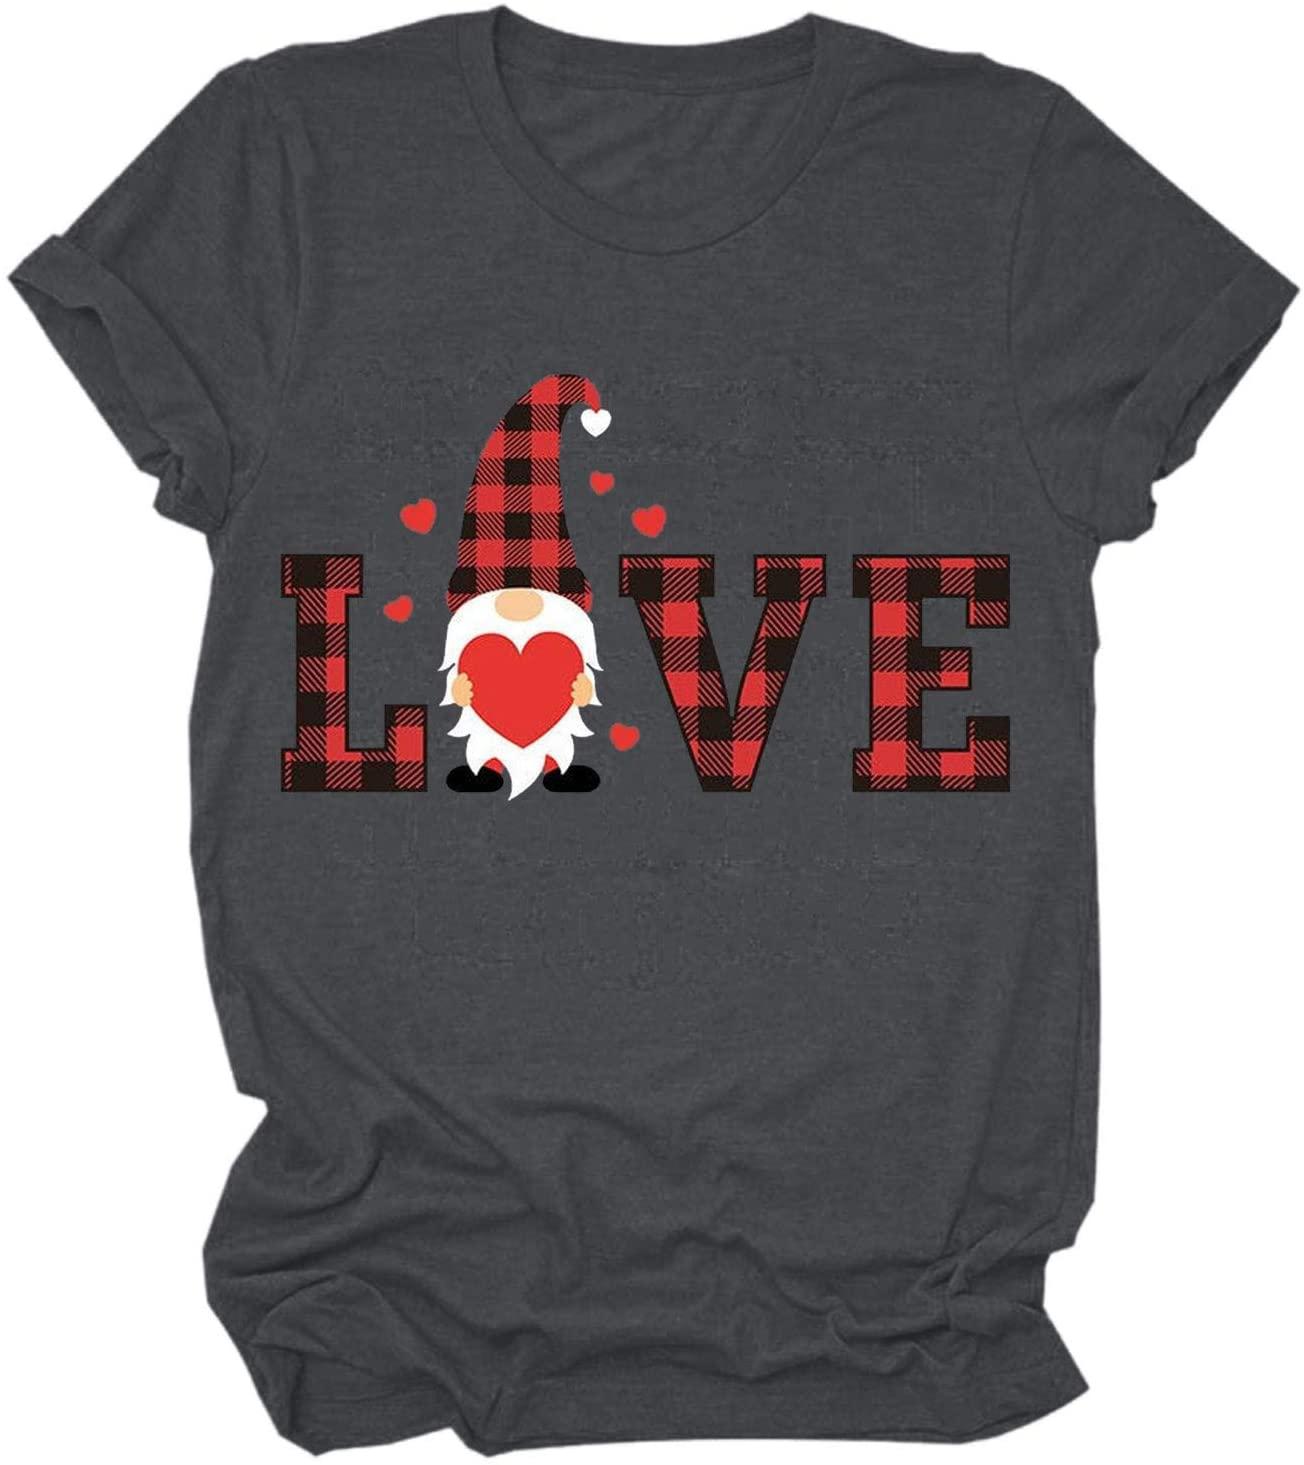 여성 느슨한 티셔츠 발렌타인 데이 그놈 편지 인쇄 셔츠 블라우스 캐주얼 짧은 소매 티셔츠는 편안 O-목 스타일